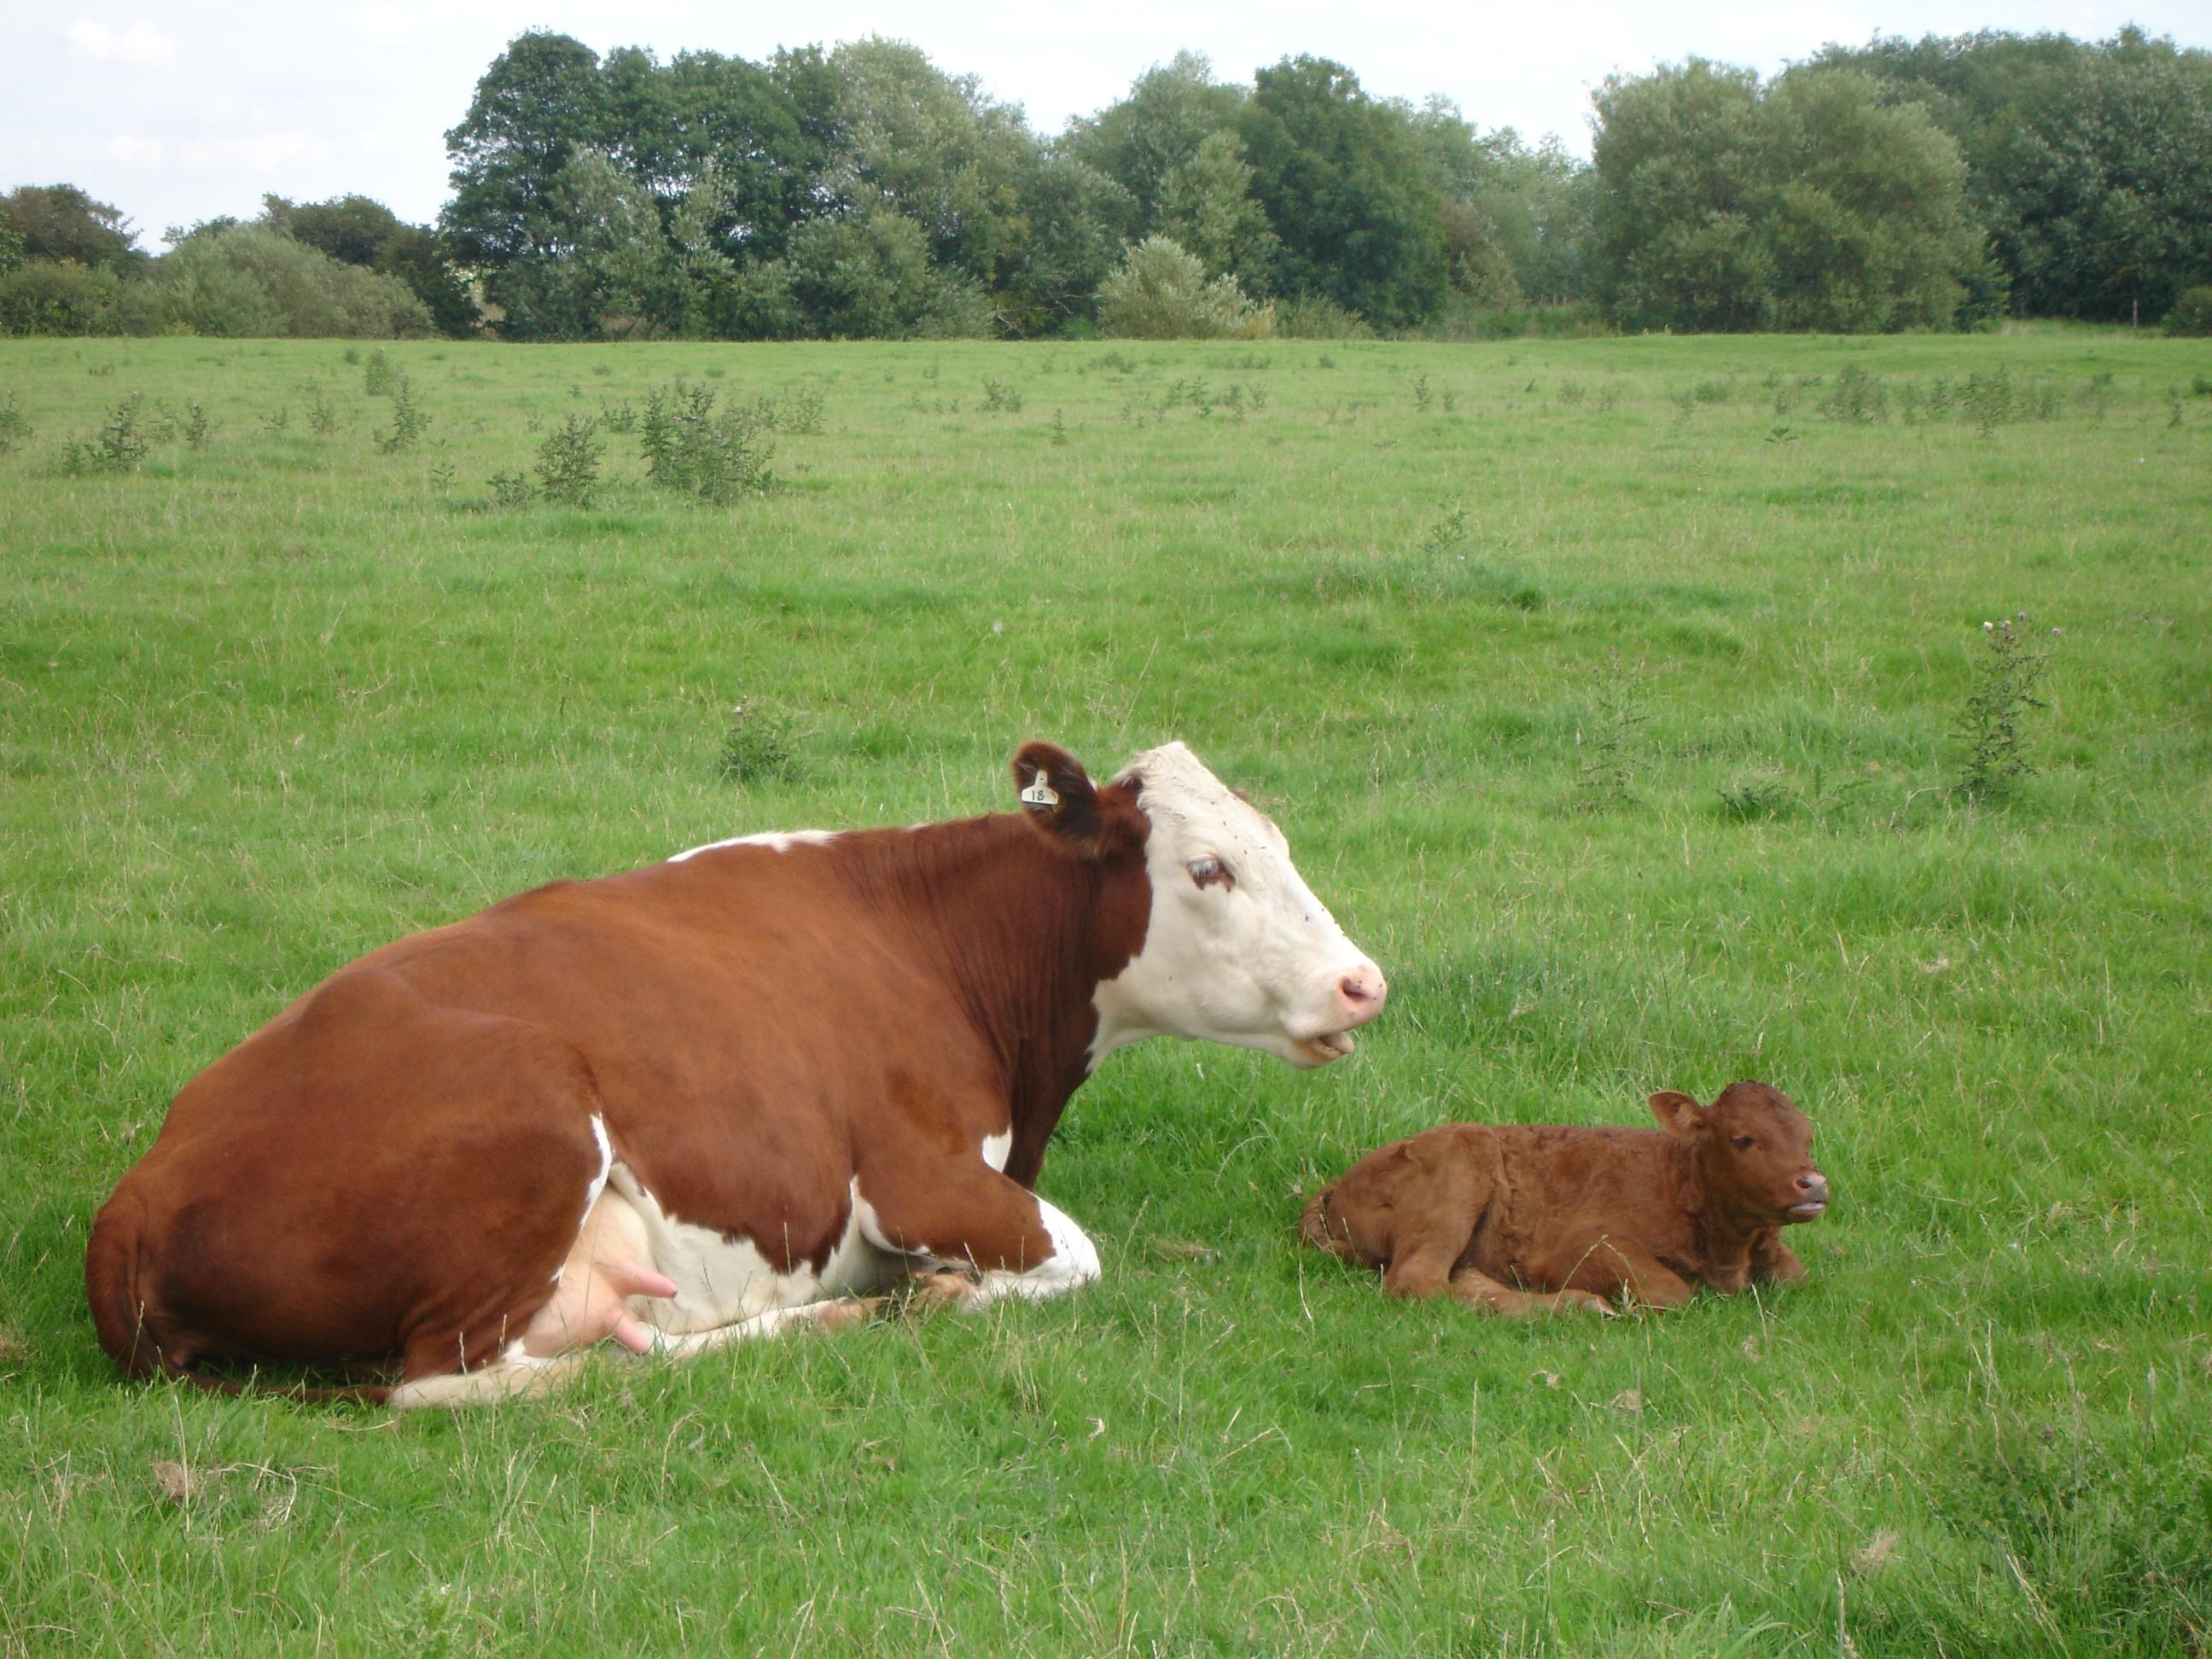 Una vaca y su cría. Fuente: AlphaGalileo.